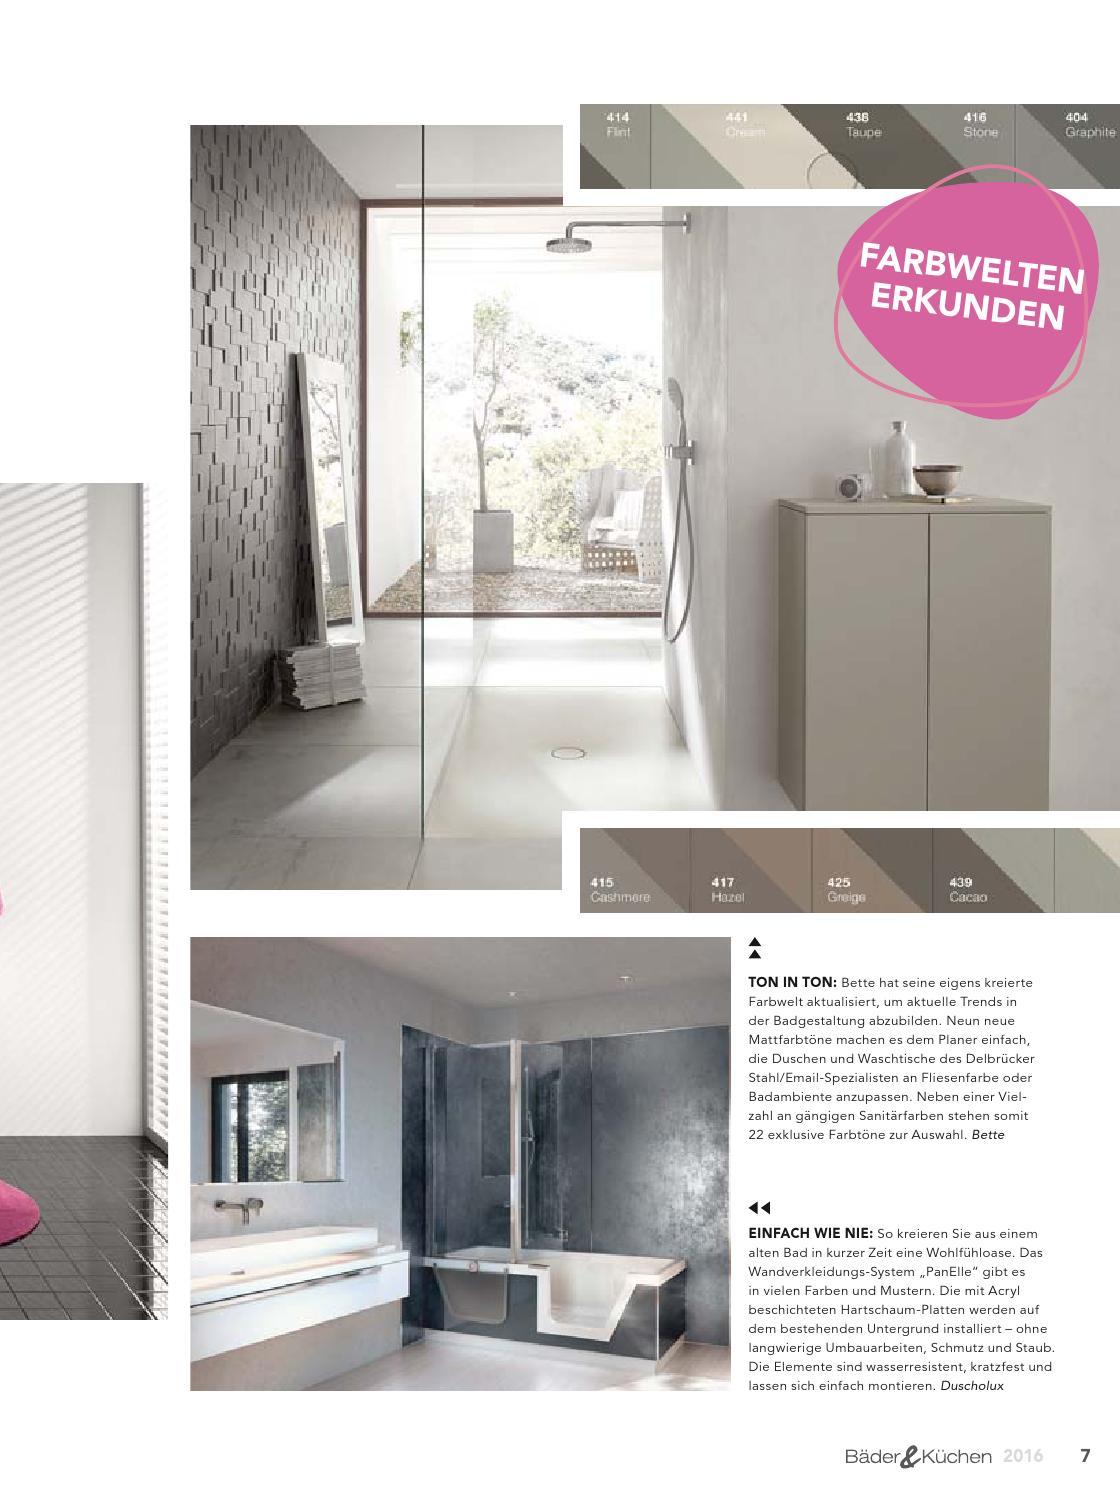 Ausgezeichnet Küche Badausstellung Ideen - Küchen Ideen Modern ...